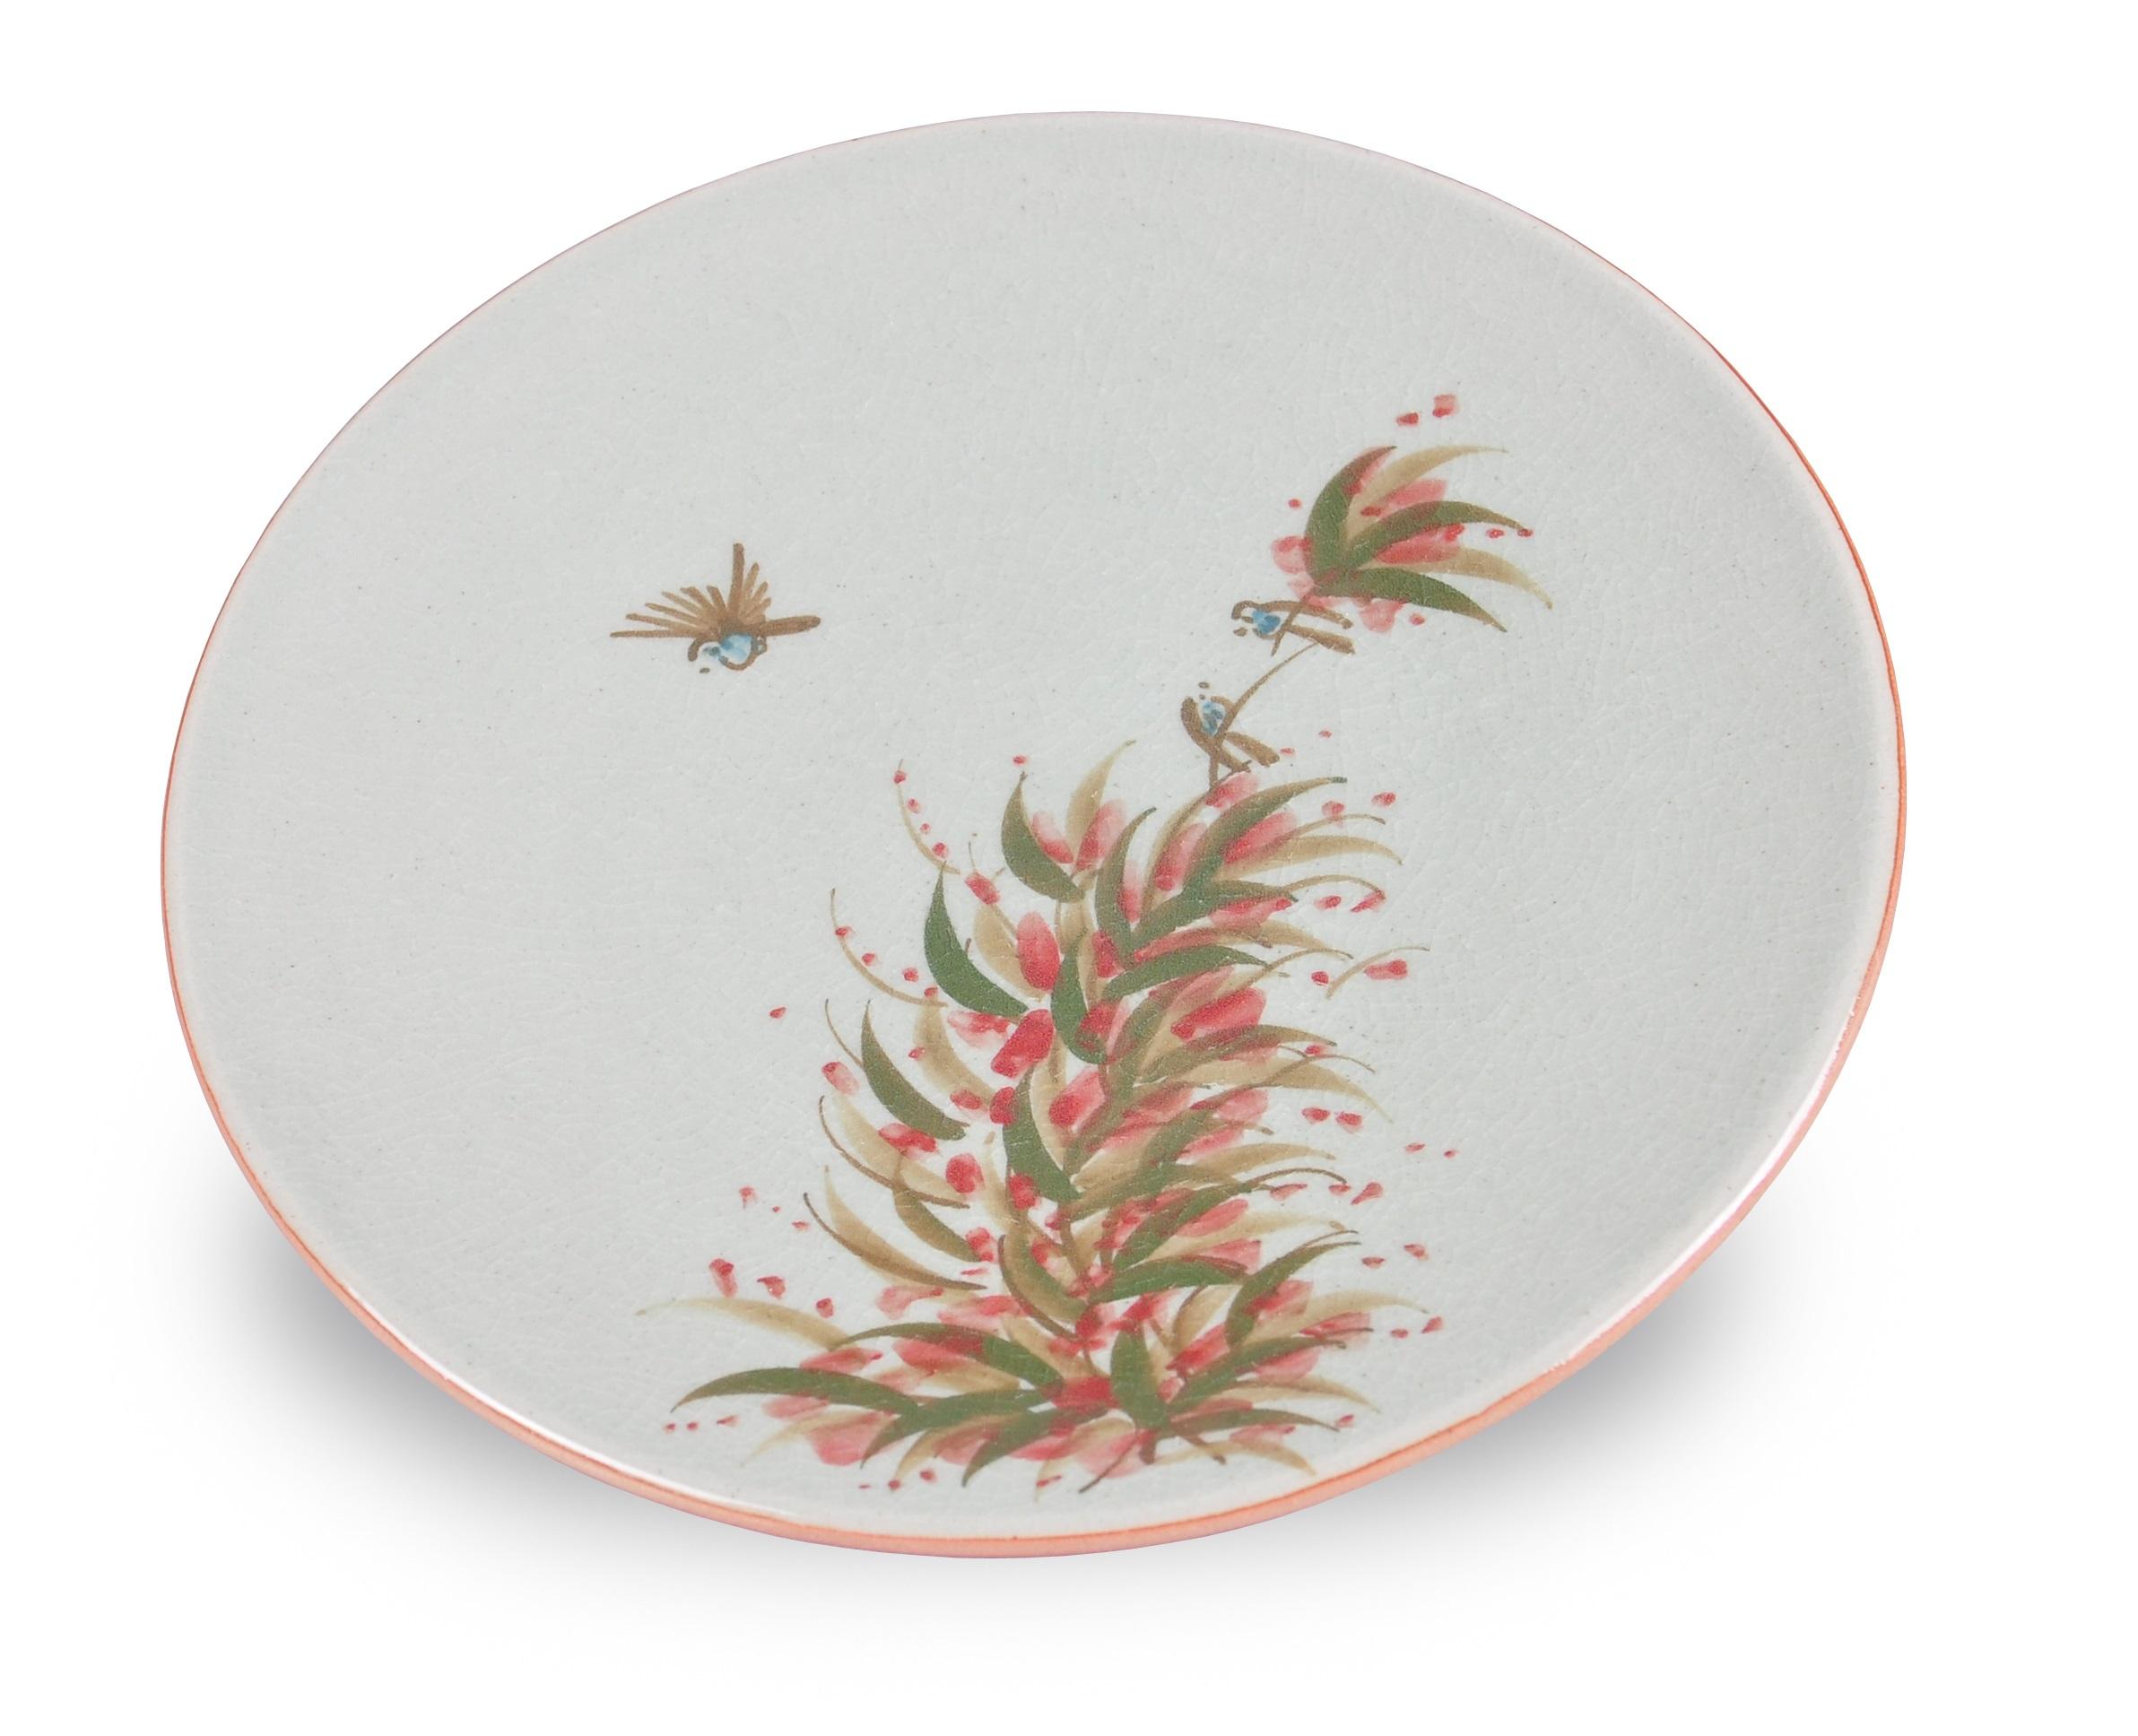 Тарелка JaponicaДекоративные тарелки<br>Посуда из коллекции &amp;quot;Japonica&amp;quot; придаст сервировке вашего стола по настоящему азиатский колорит.<br><br>Material: Керамика<br>Высота см: 2